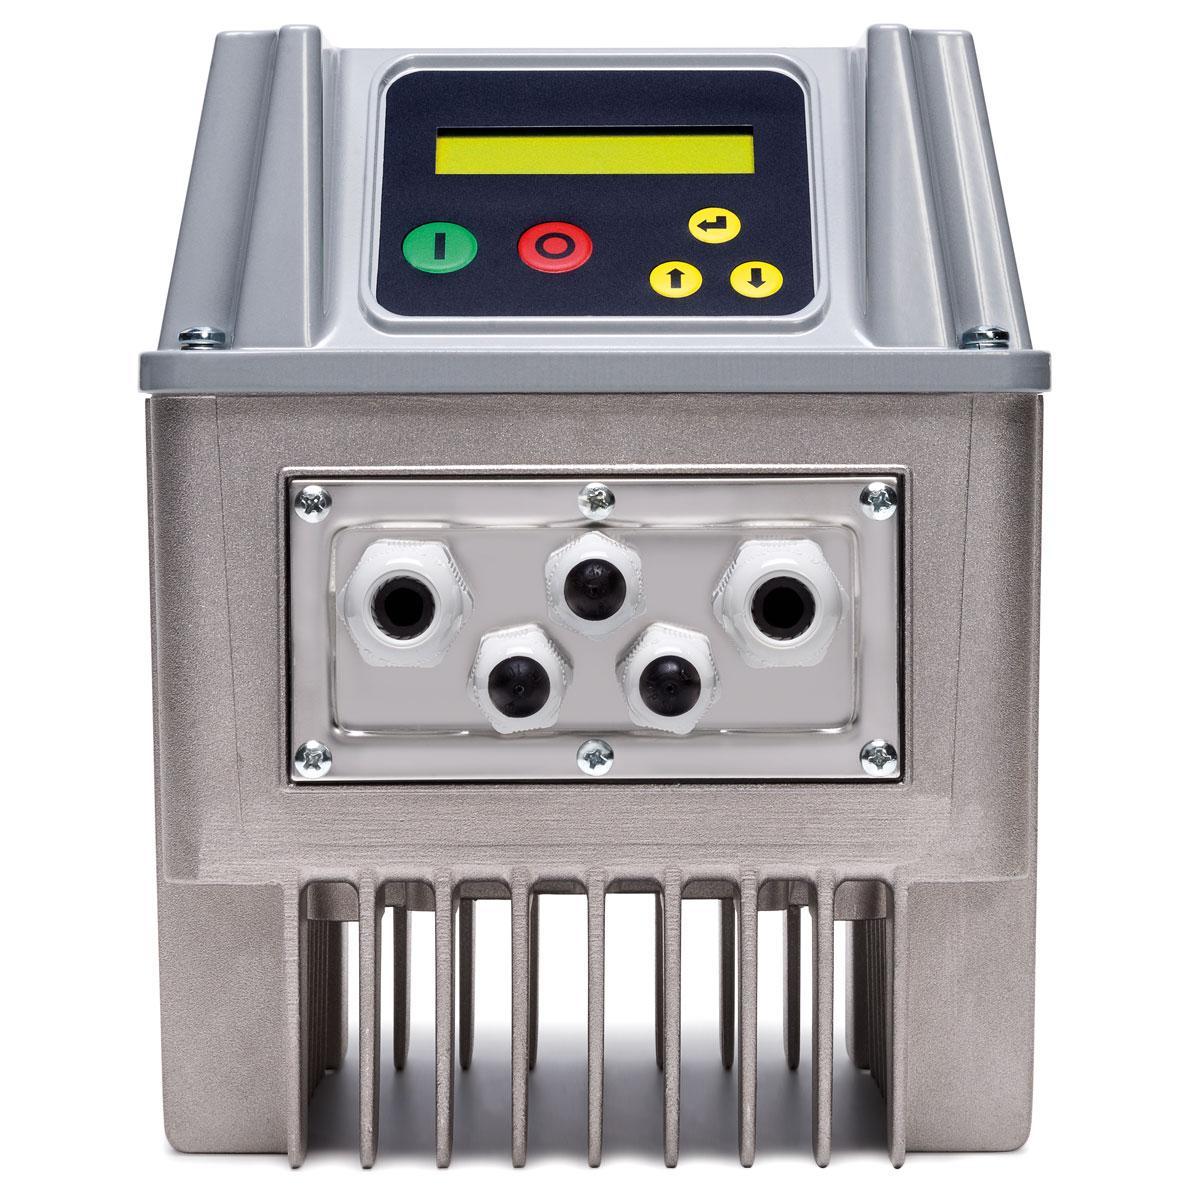 Vasco | El inversor para el control de bombas a velocidad variable ...